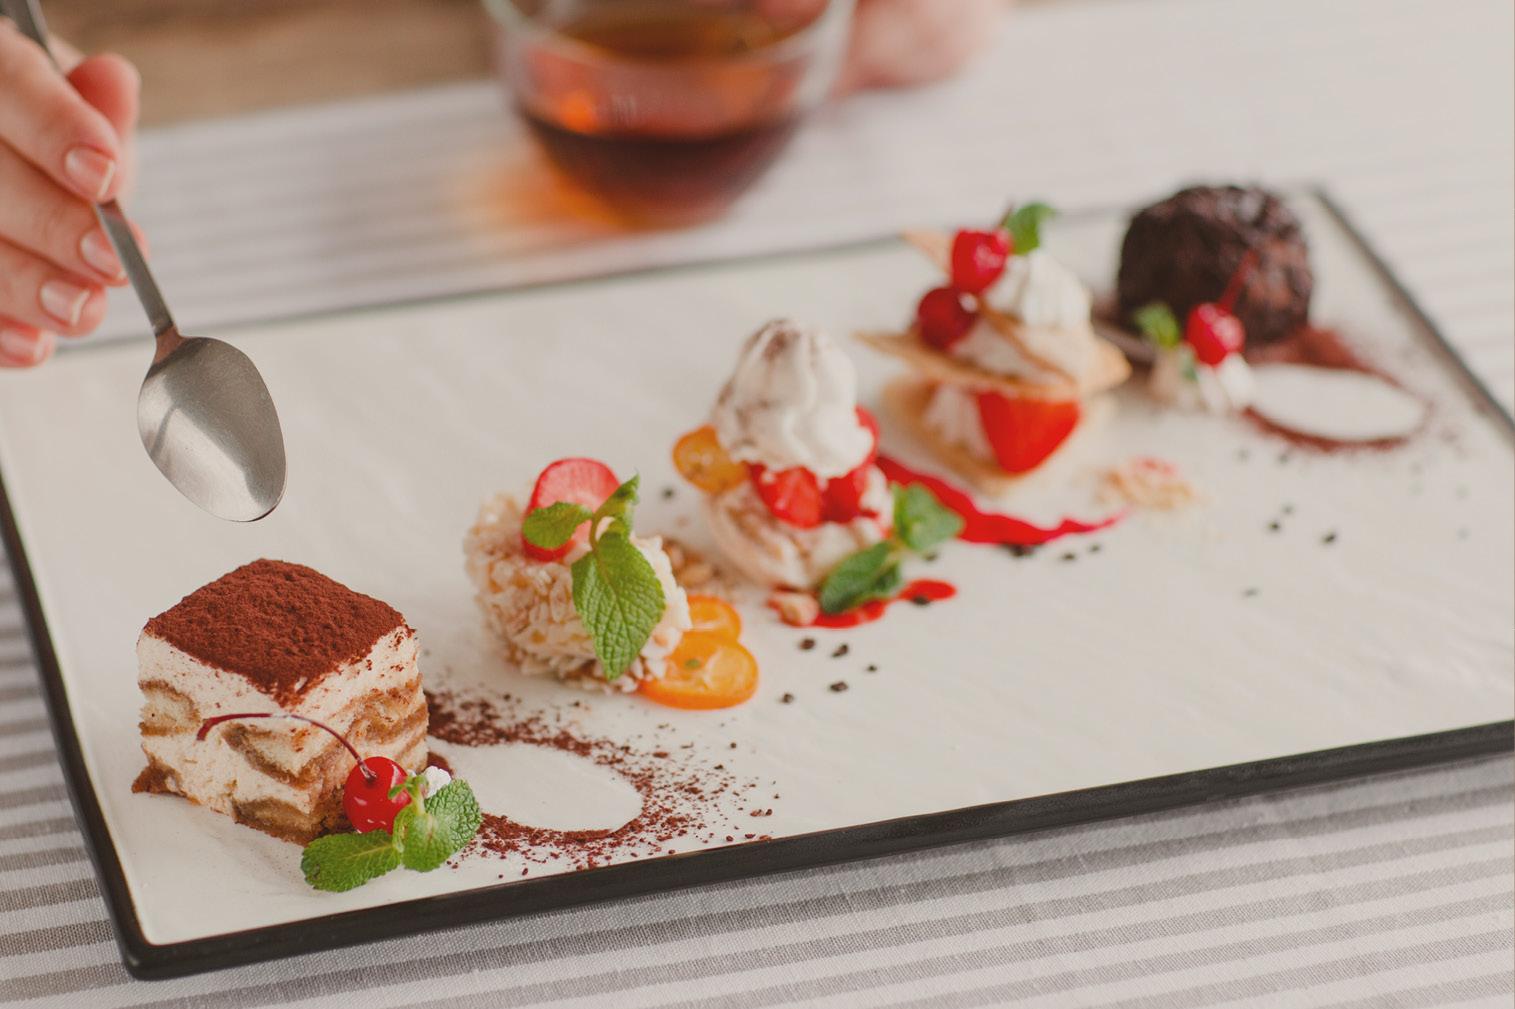 GODUTO_Patisserie_Desserts_5